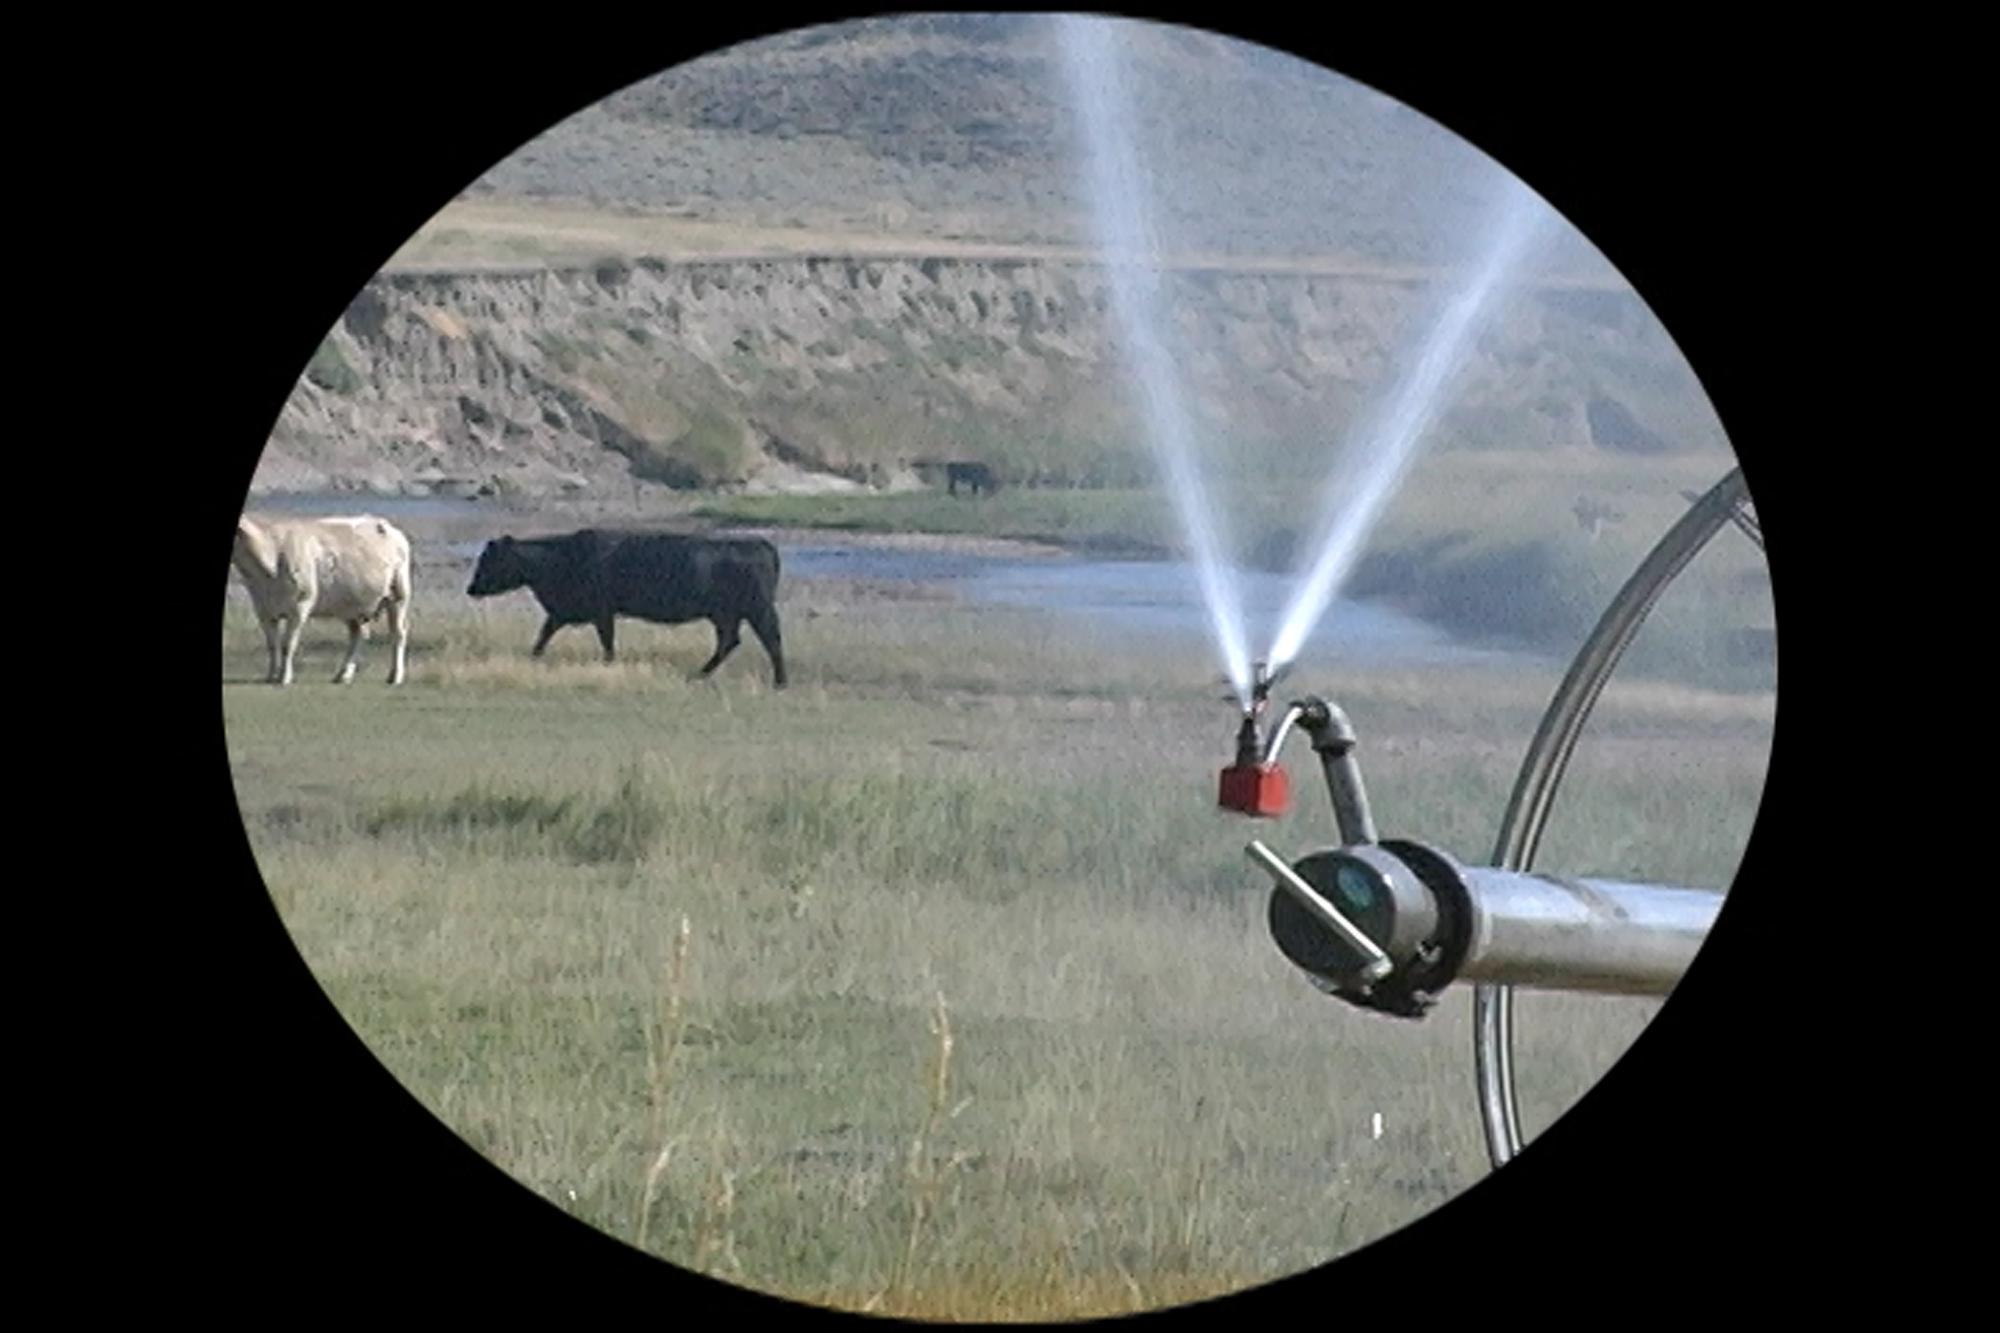 3j_Wyo-cows-spiket-July-20-center-track-QT.00_09_46_19.Still004.jpg